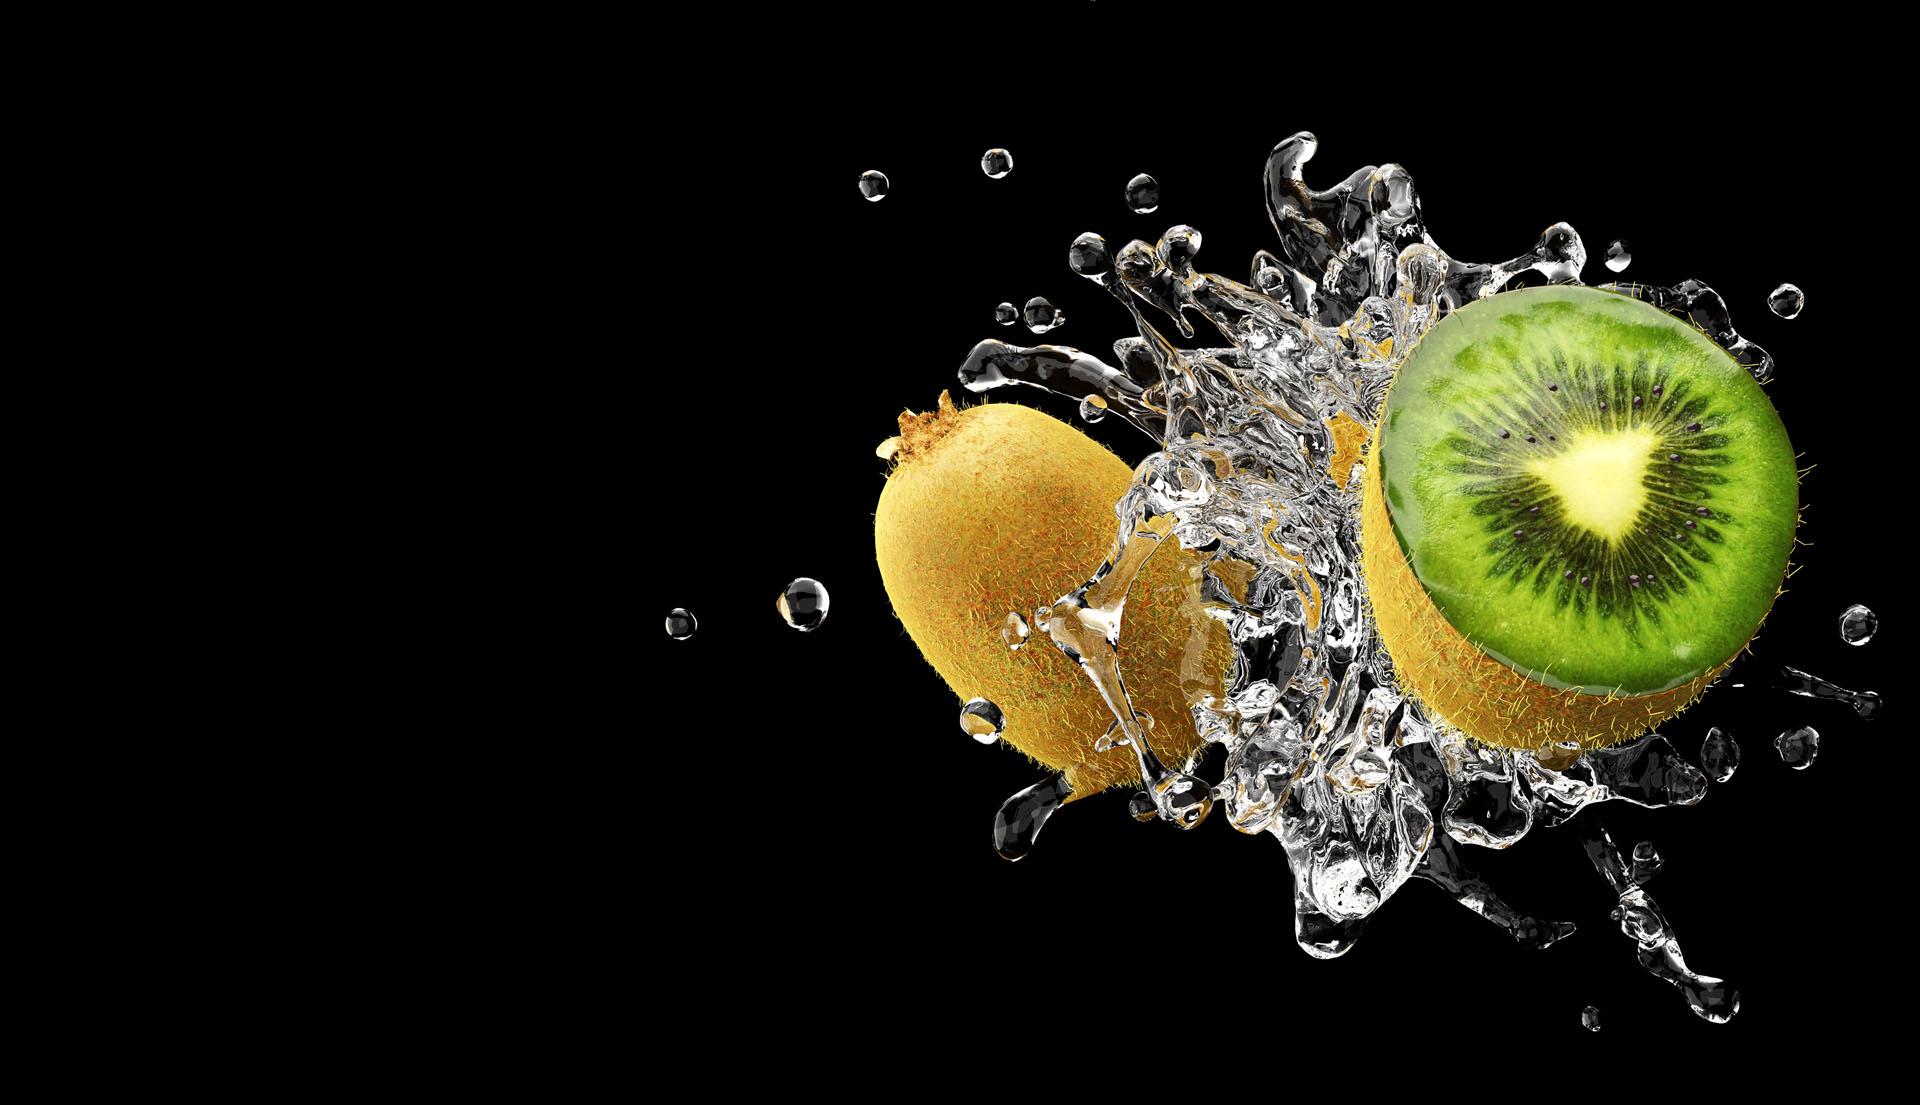 ผักผลไม้ช่วยปรับสมดุลร่างกาย